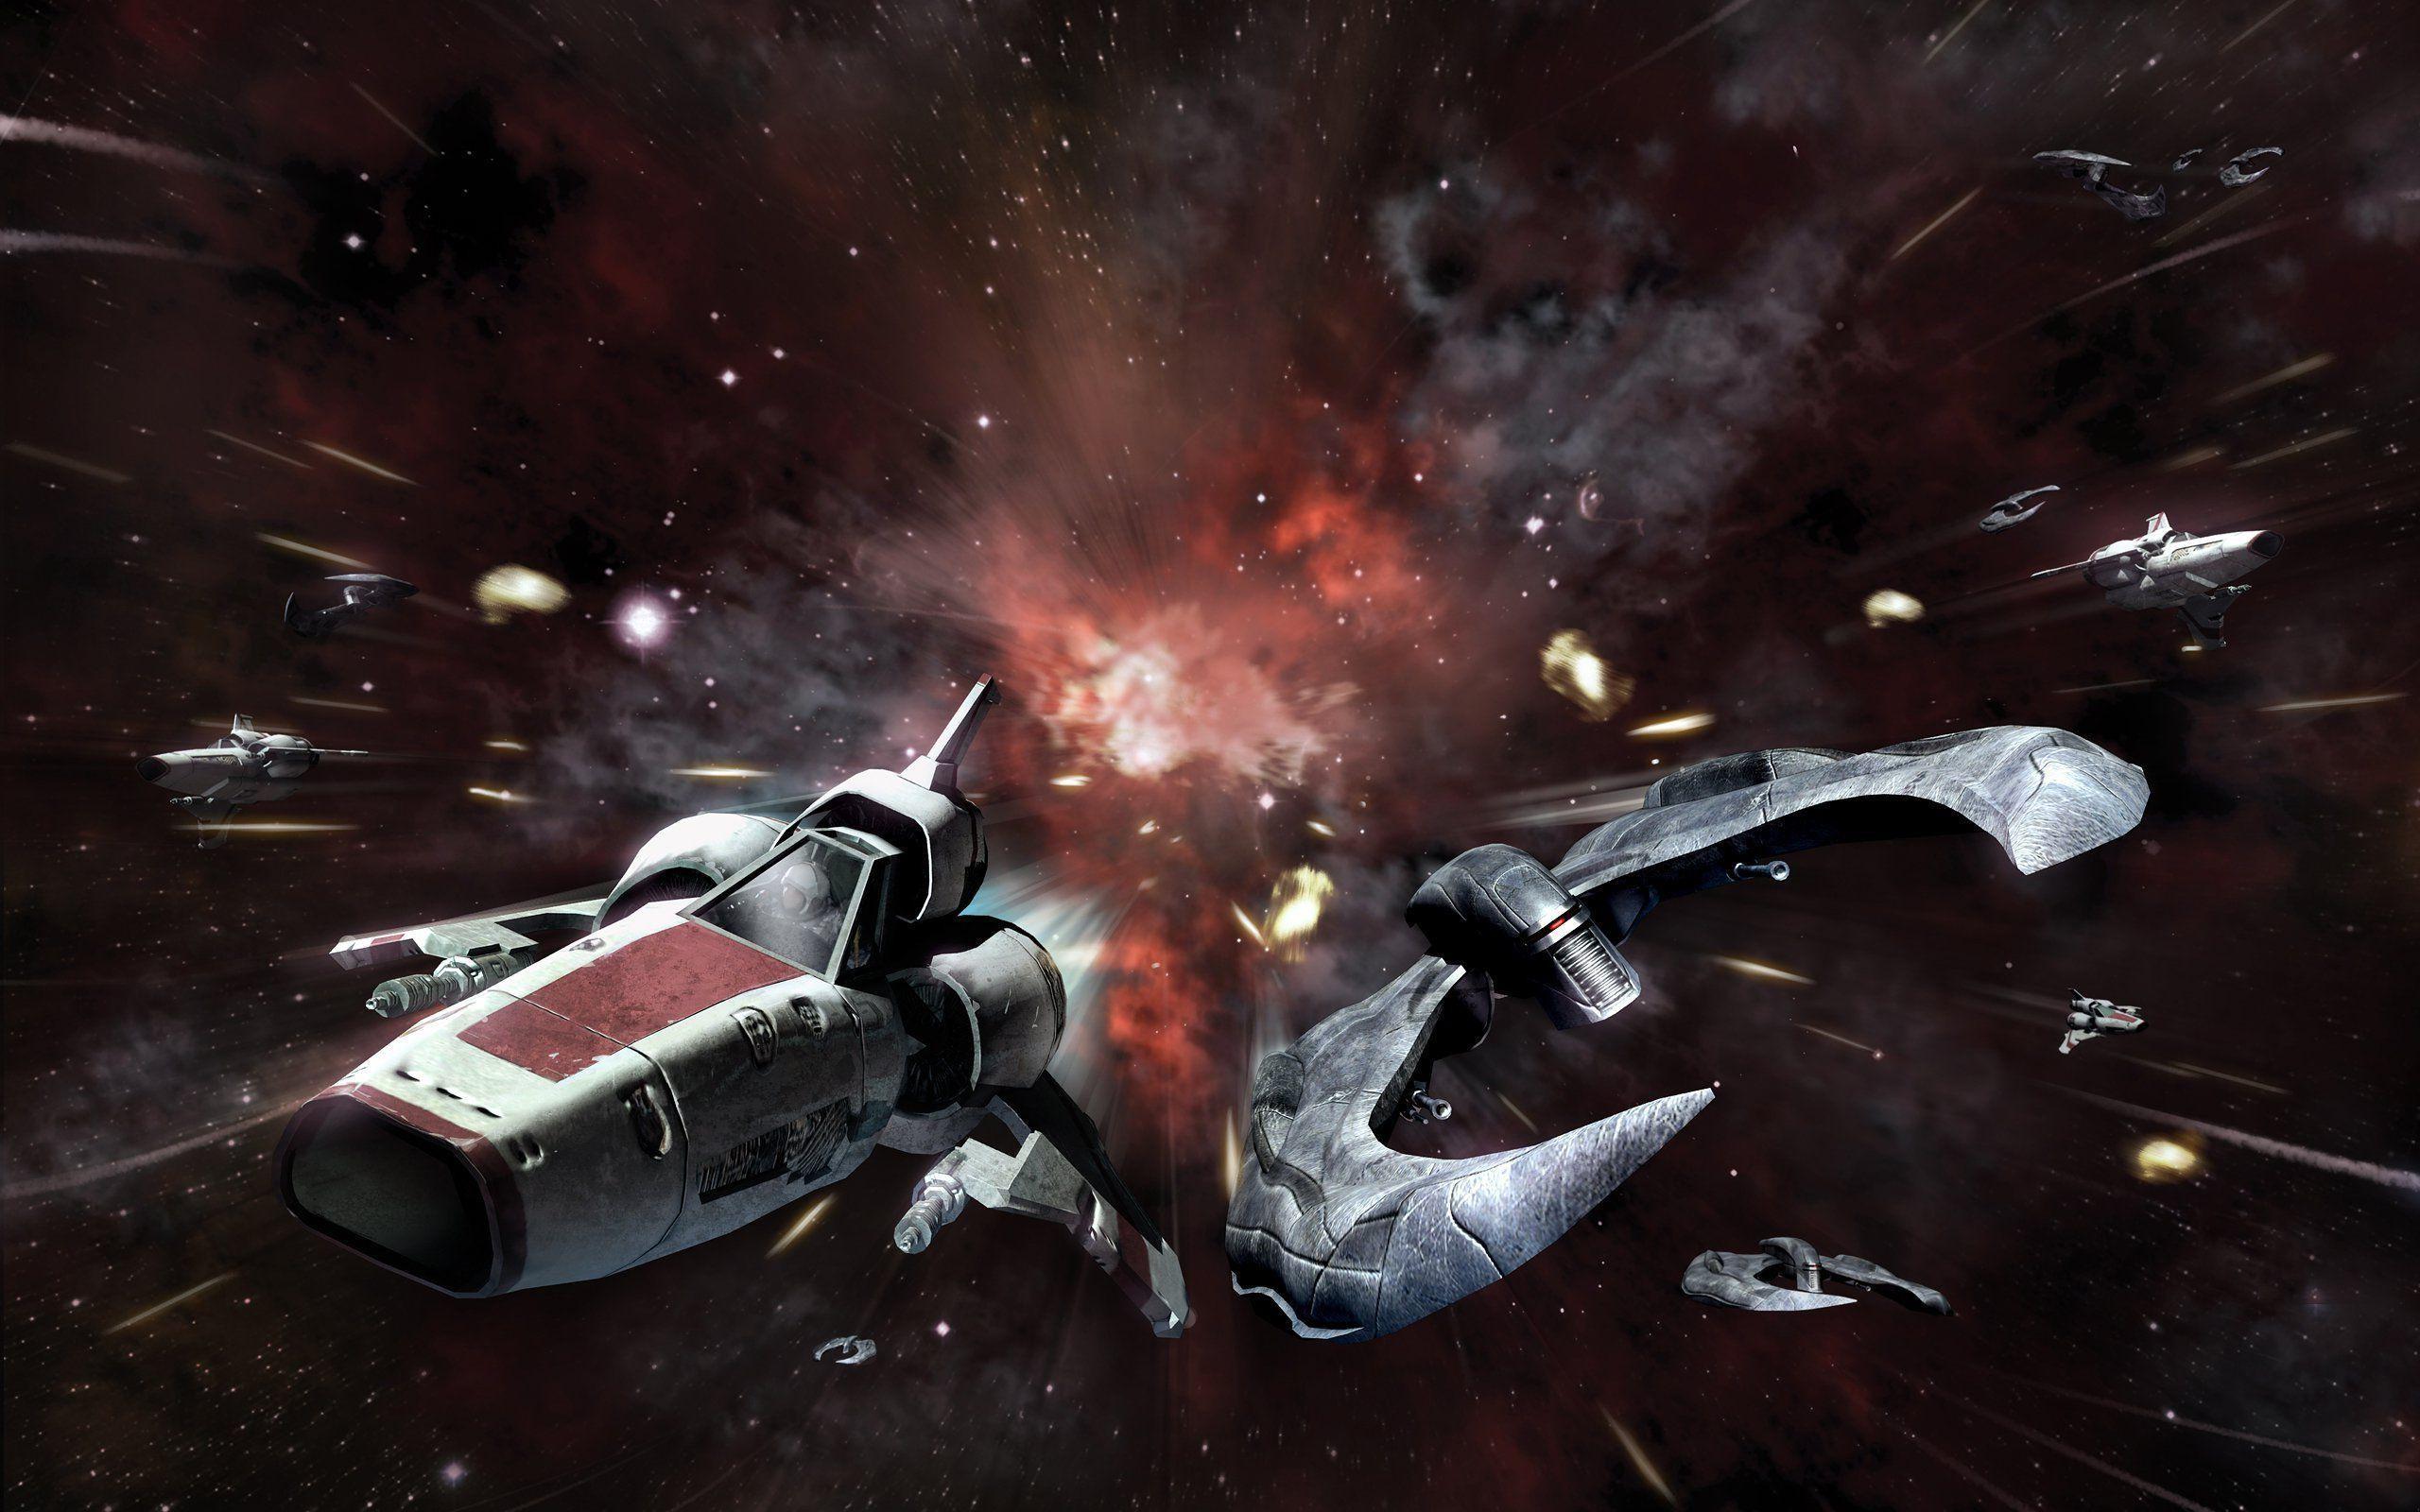 battlestar galactica wallpaper hd